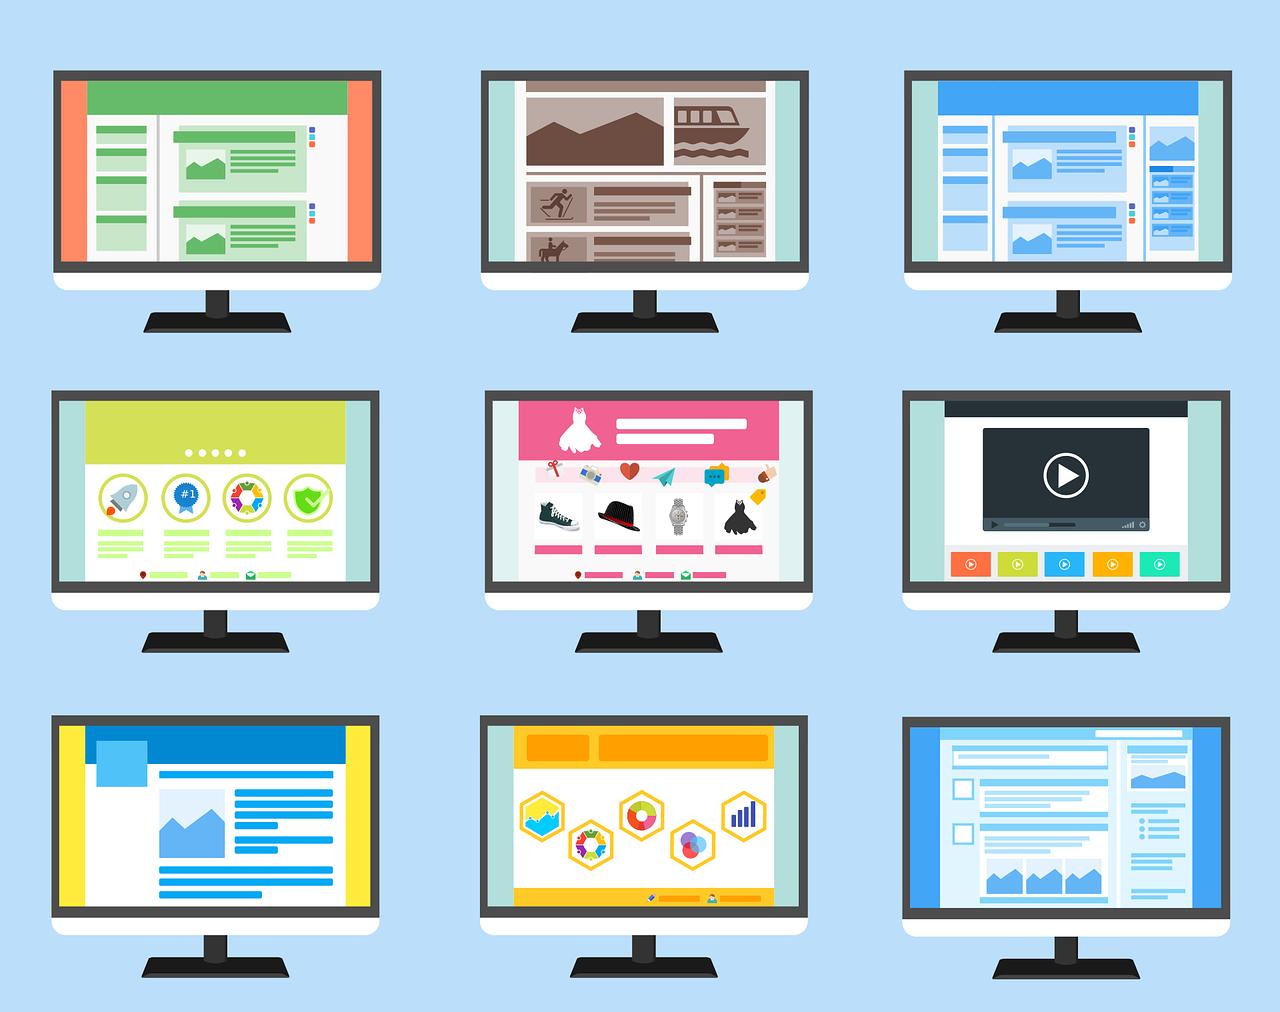 weboldal elrendezés típusok